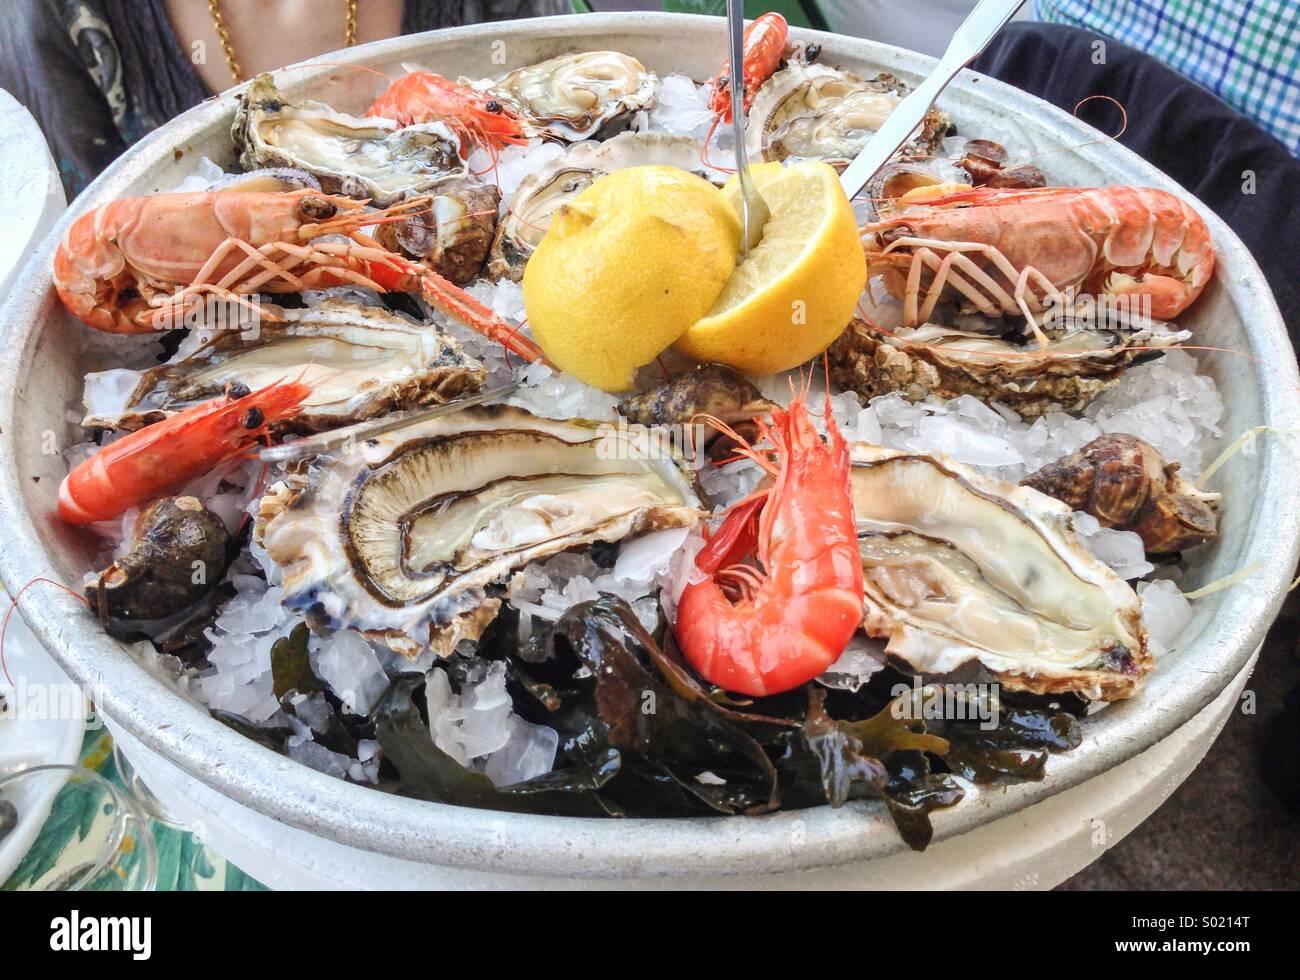 Les crustacés et les huîtres, plateau de fruits de mer à ice Photo Stock